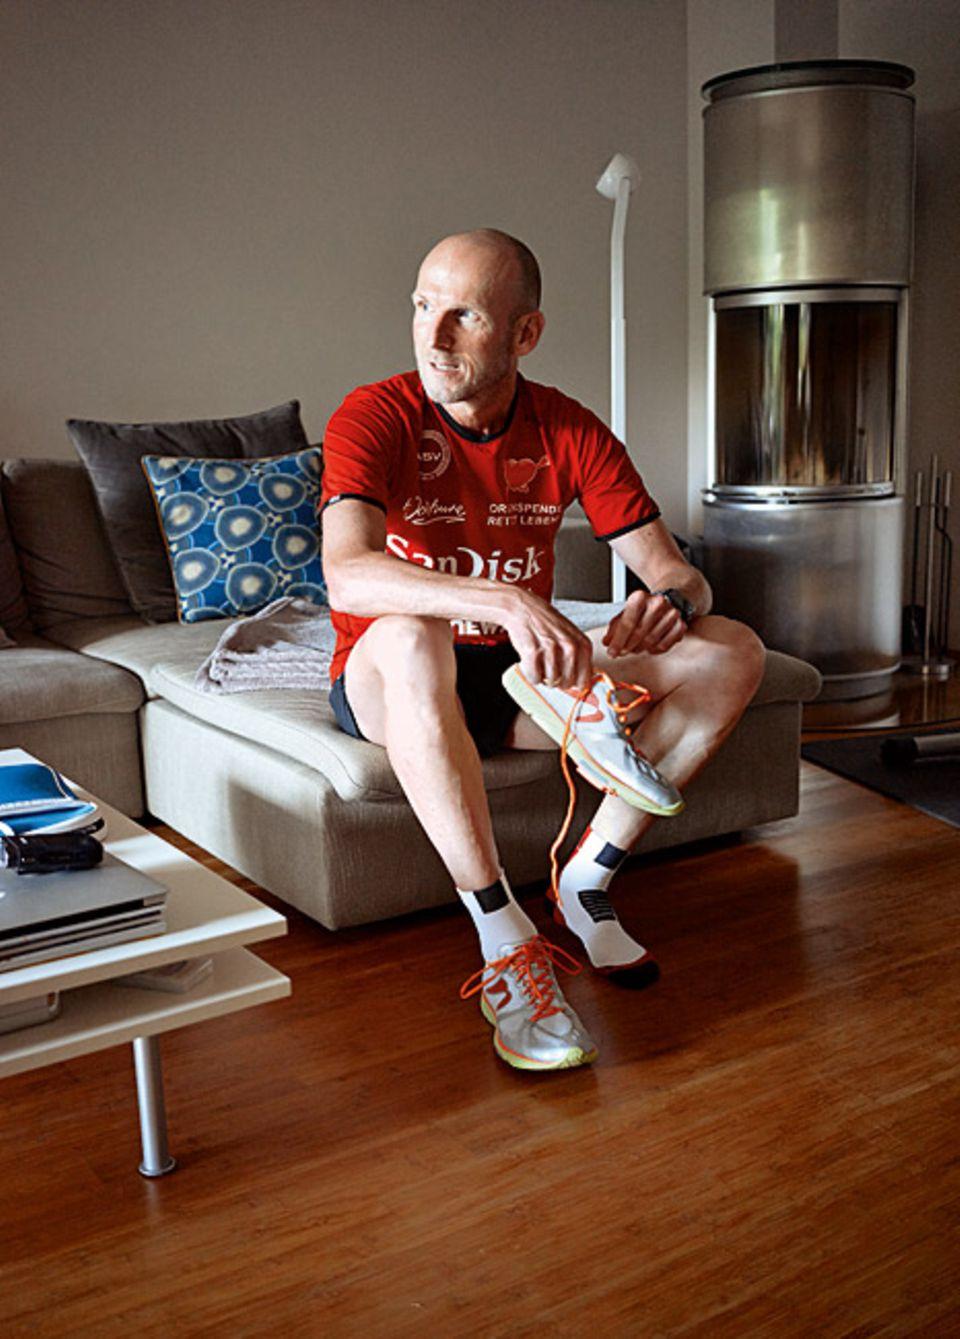 Herzleiden: Elmar Sprink denkt oft an jenen ihm unbekannten Menschen, dem er sein neues Leben verdankt. An Sportveranstaltungen nimmt er daher auch als Botschafter für die Organspende teil